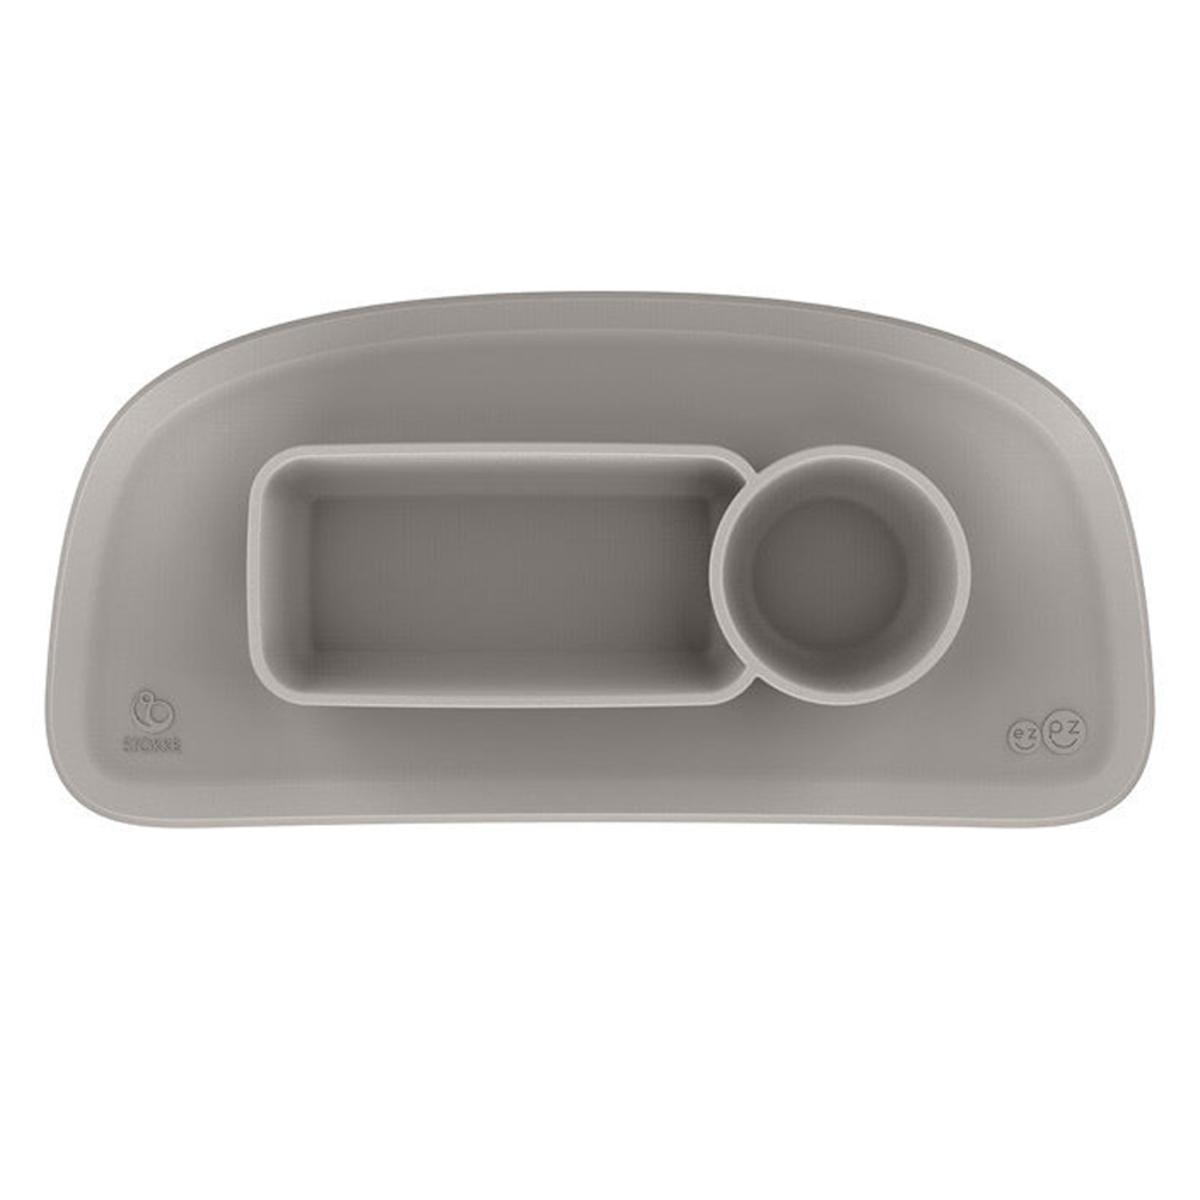 Vaisselle & Couvert Set de Table Tripp Trapp - Gris Set de Table Tripp Trapp - Gris